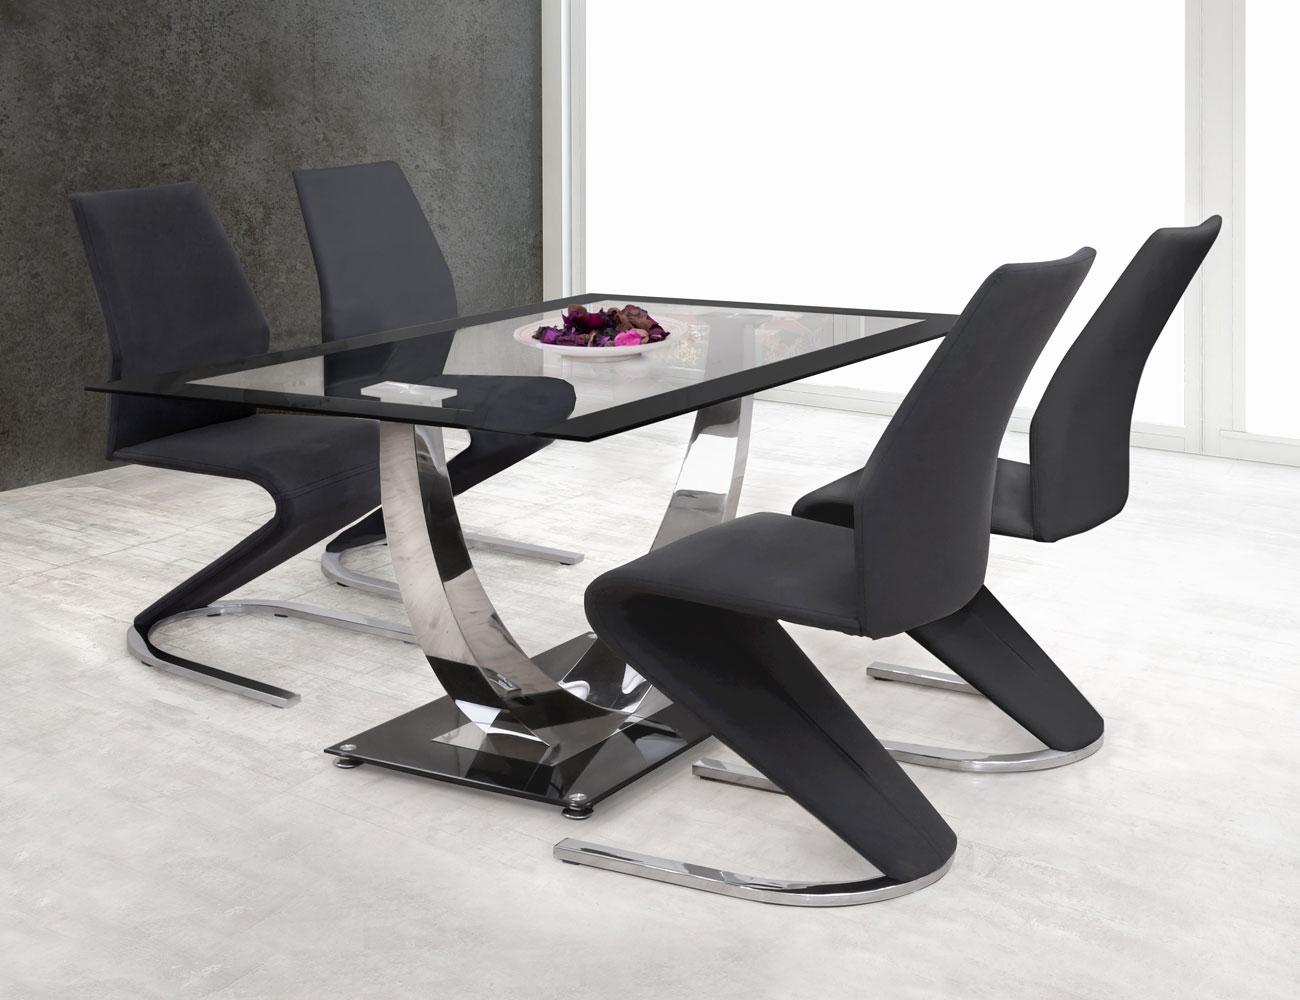 Mesa de comedor de cristal templado decorativa (4164) | Factory del ...